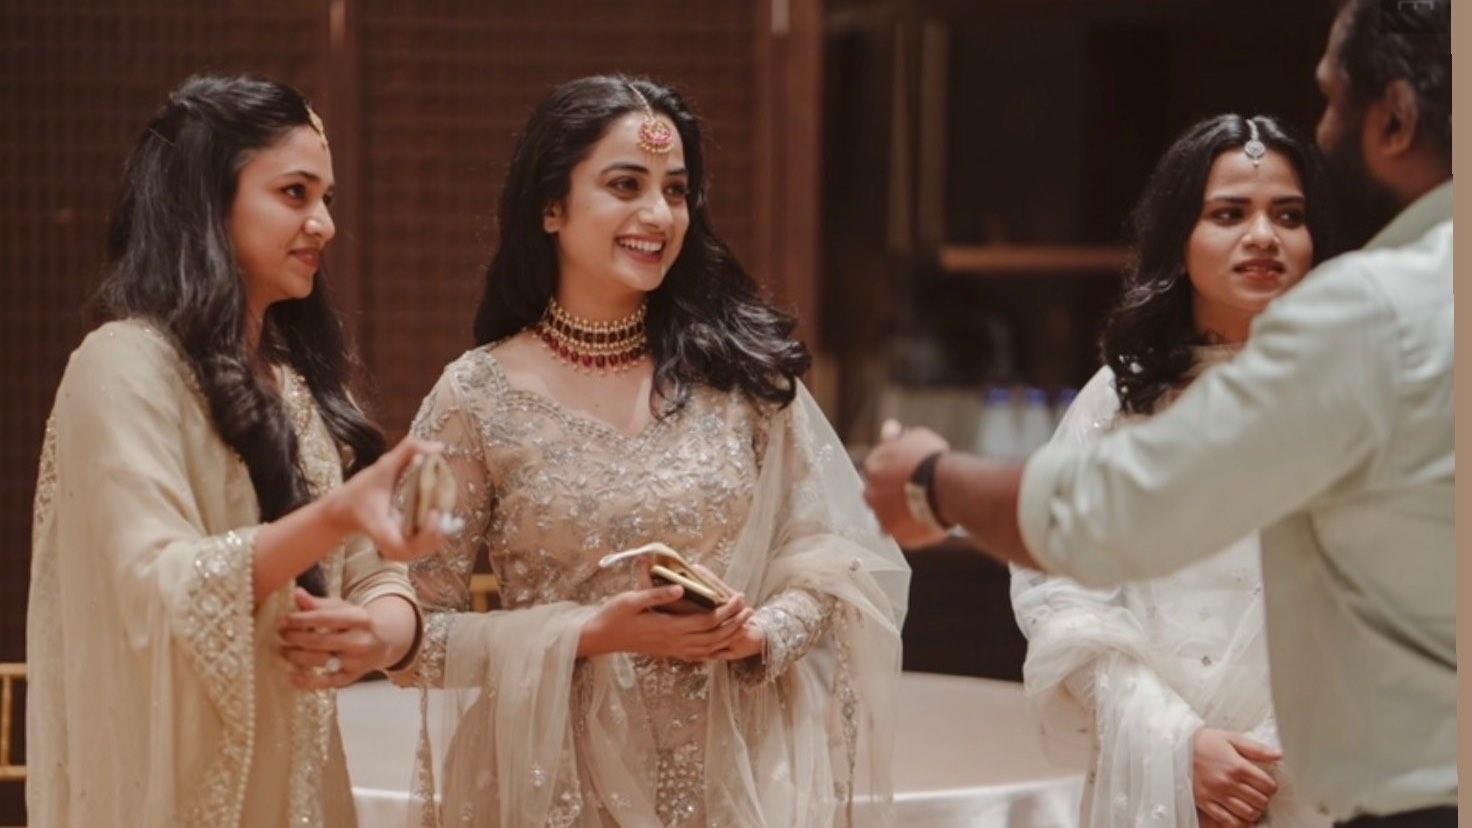 Namitha Pramod Meenakshi Dileep